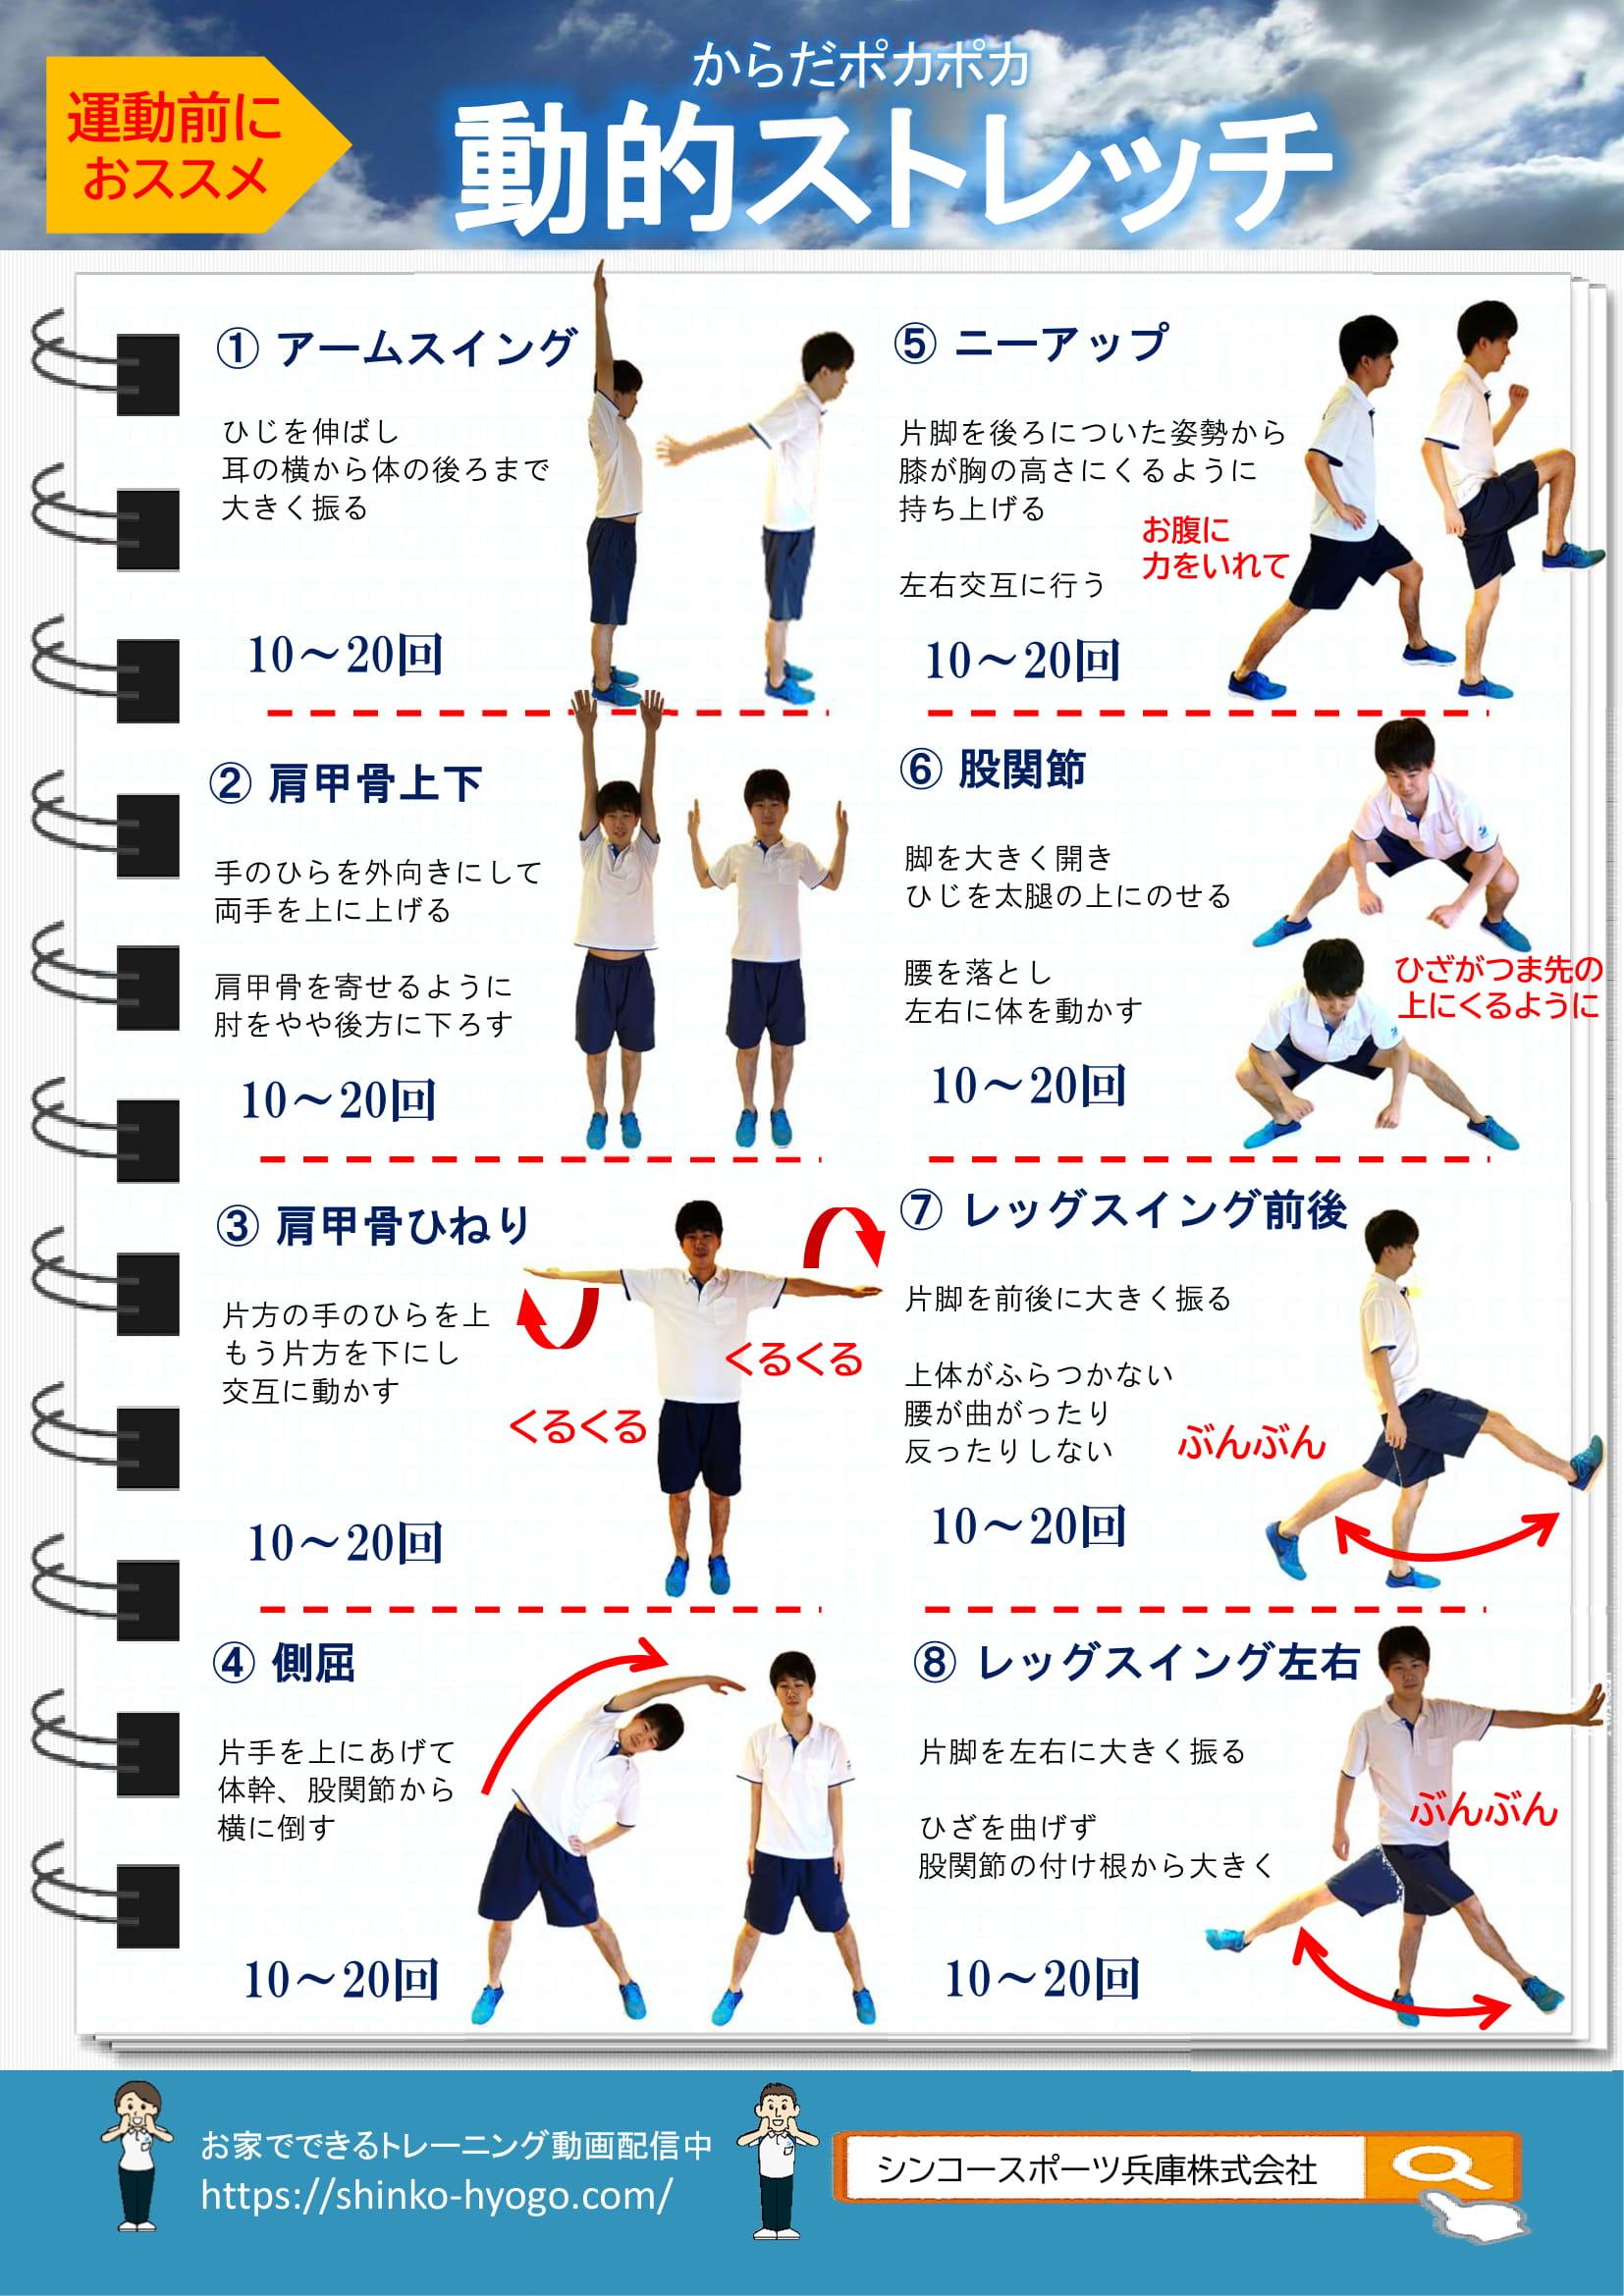 お家でできるシリーズ第10弾【動的ストレッチ】 | 加古川スポーツ交流館